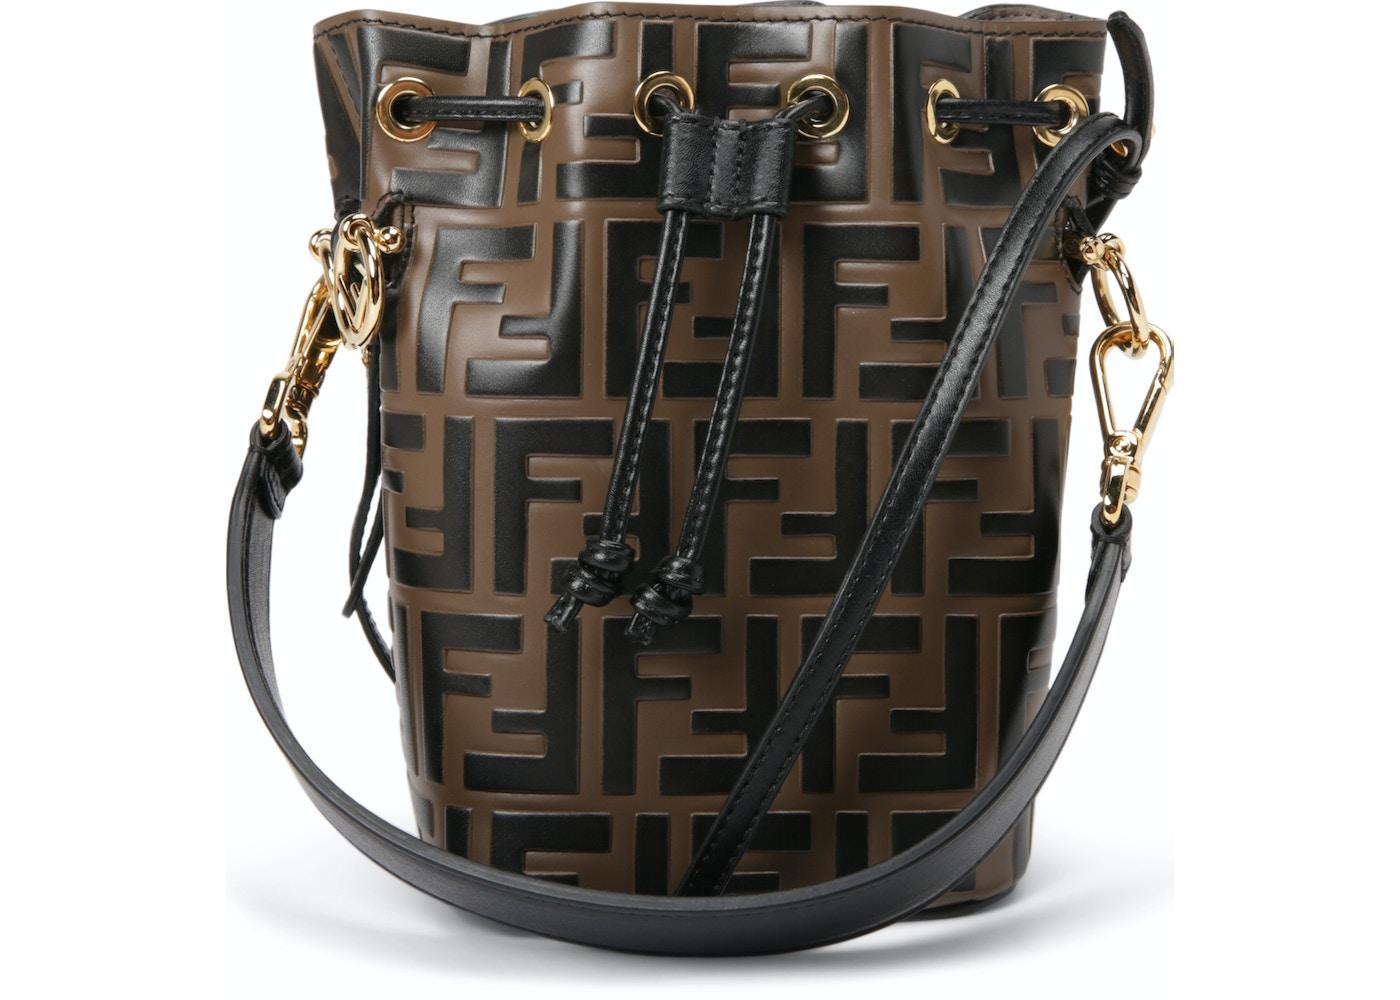 1e5ba60e04 Buy   Sell Fendi Handbags - Average Sale Price